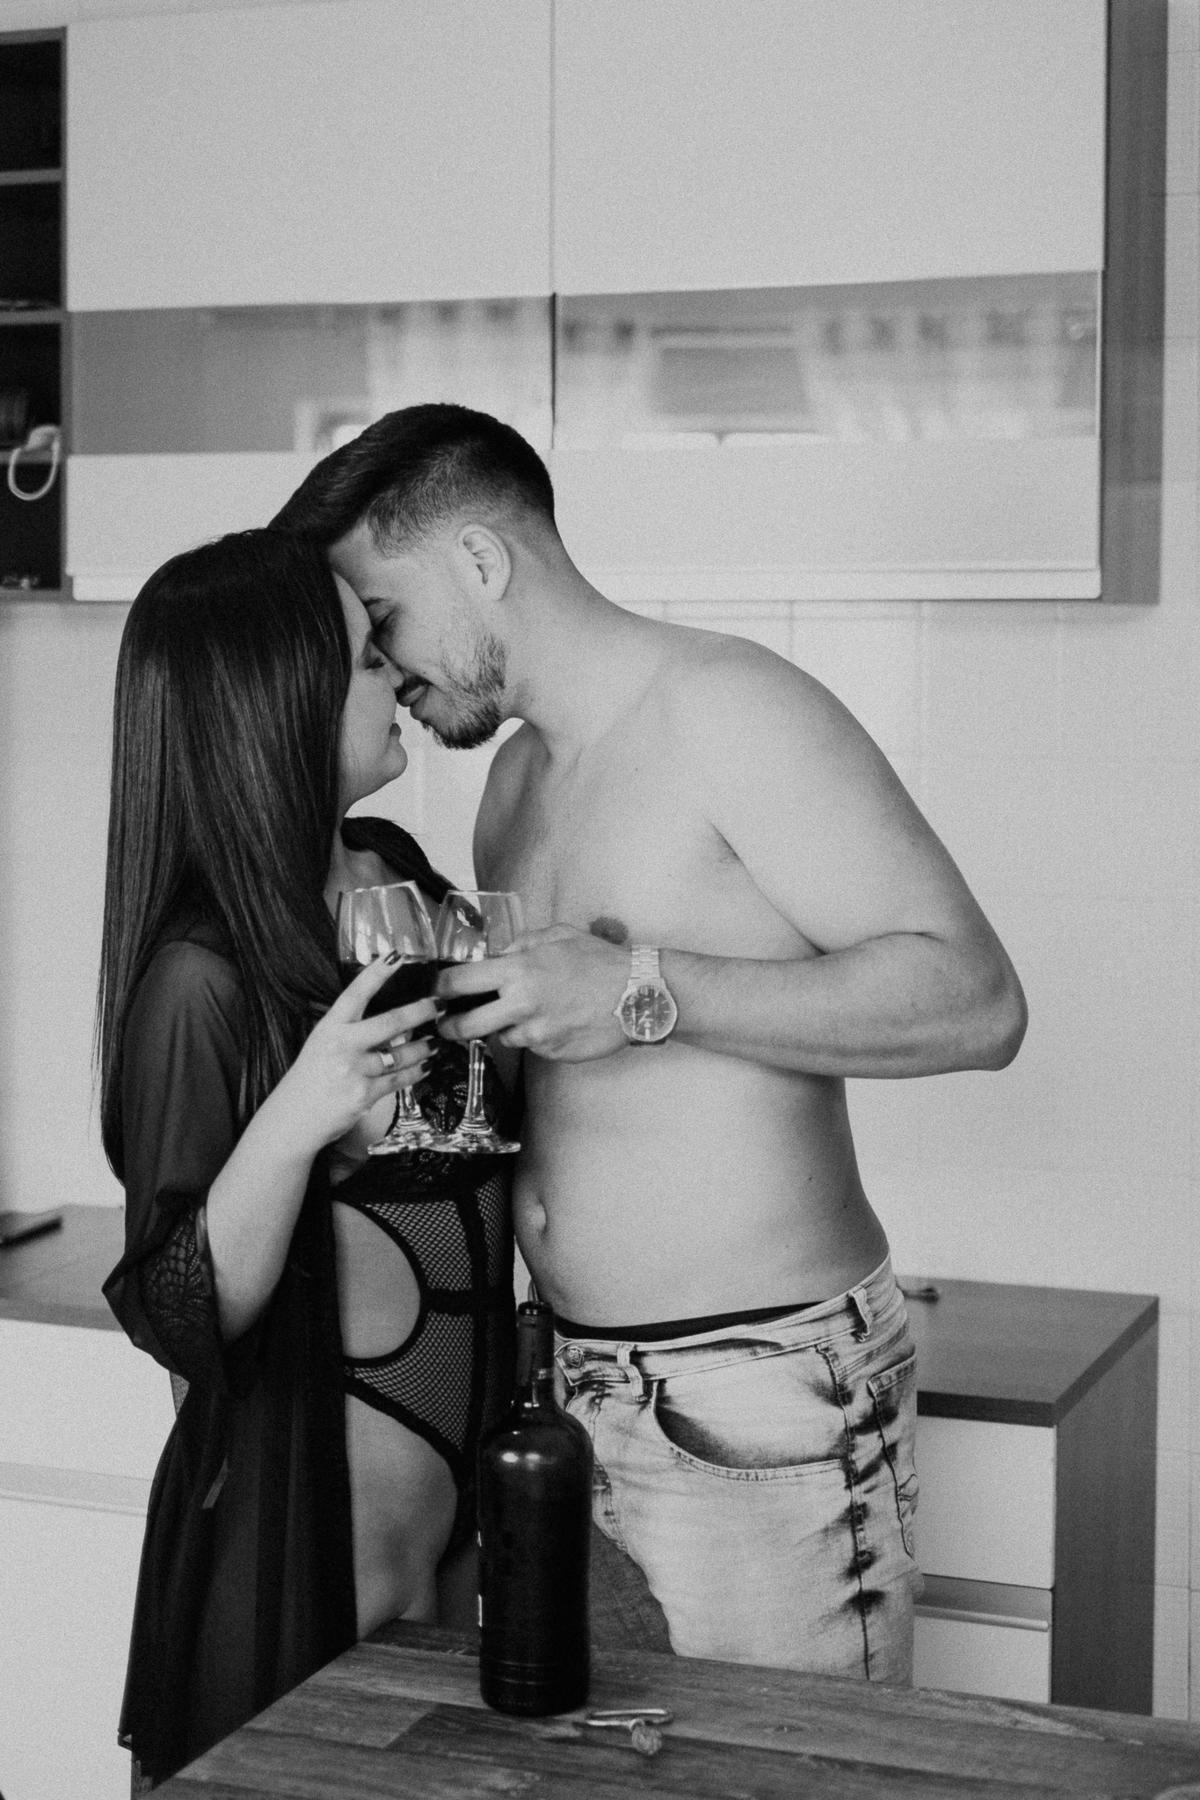 sessao com pipoca ensaios diferentes fotografia de casamento por caio henrique ensaio intimista ensaio sensual de casais fotos pinterest